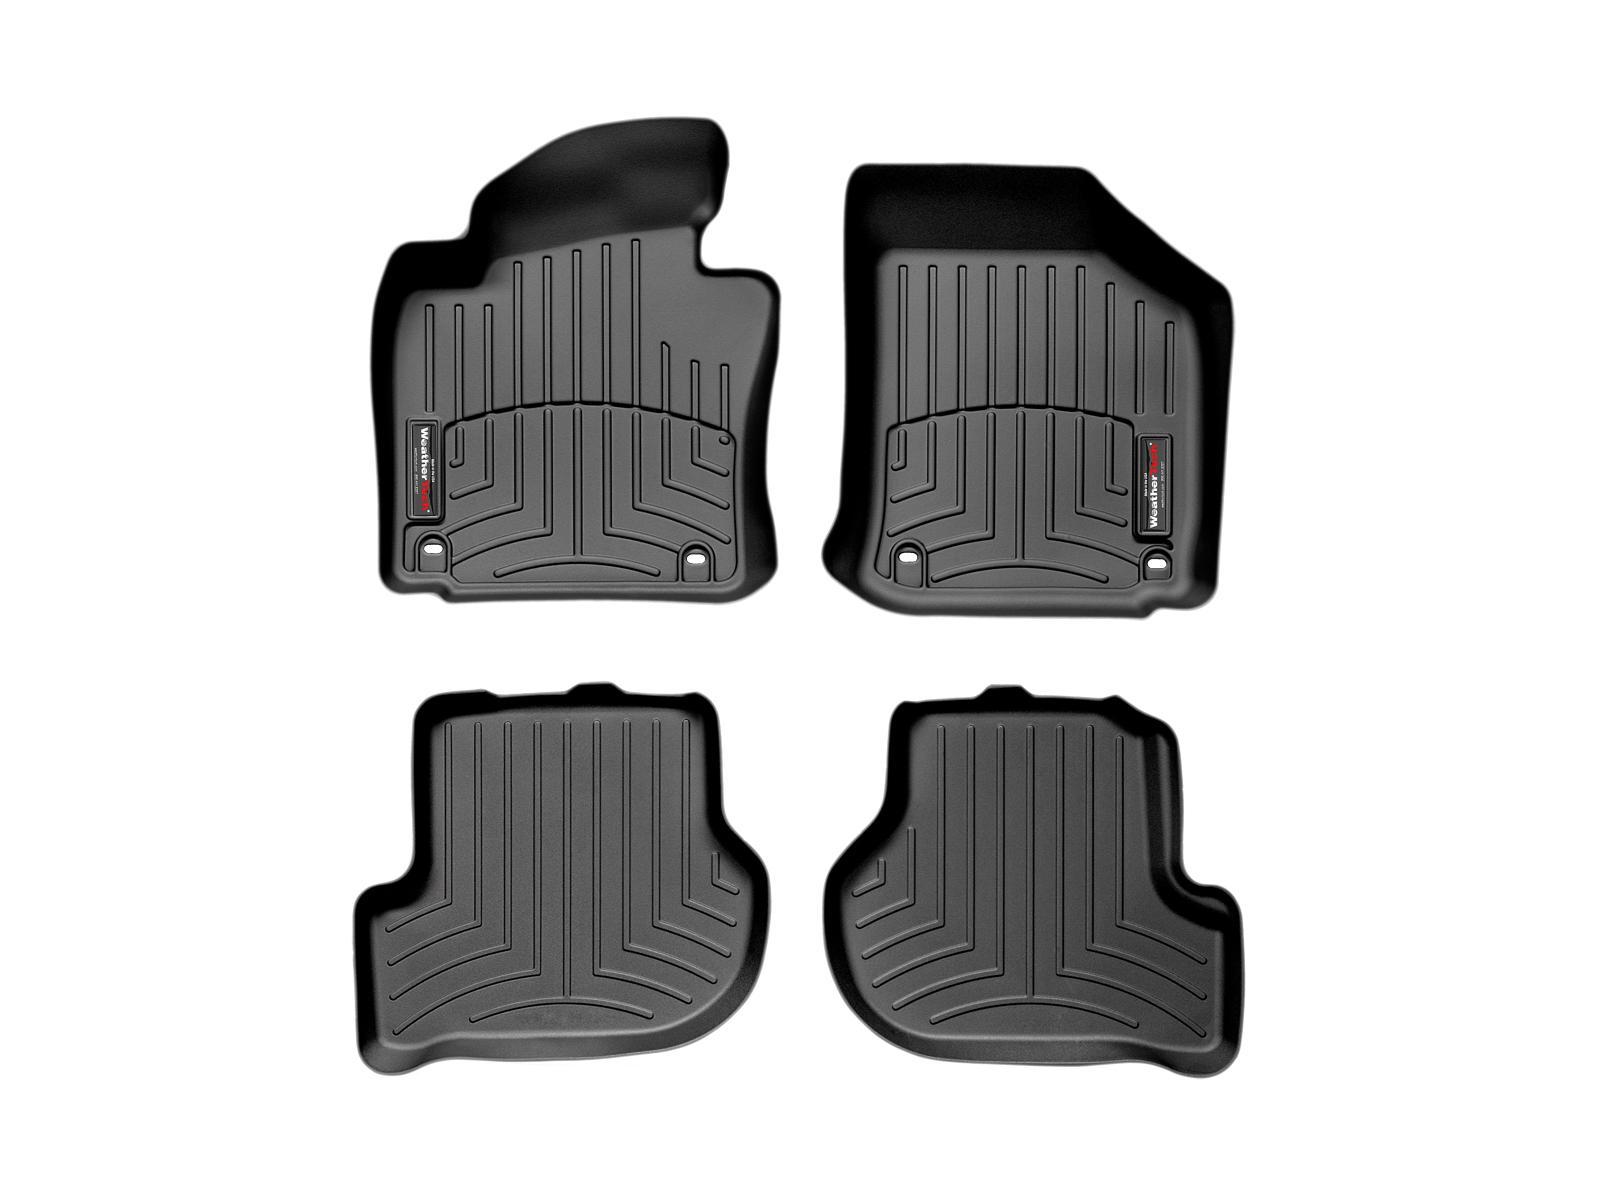 Tappeti gomma su misura bordo alto Volkswagen Golf GT 05>09 Nero A4080*